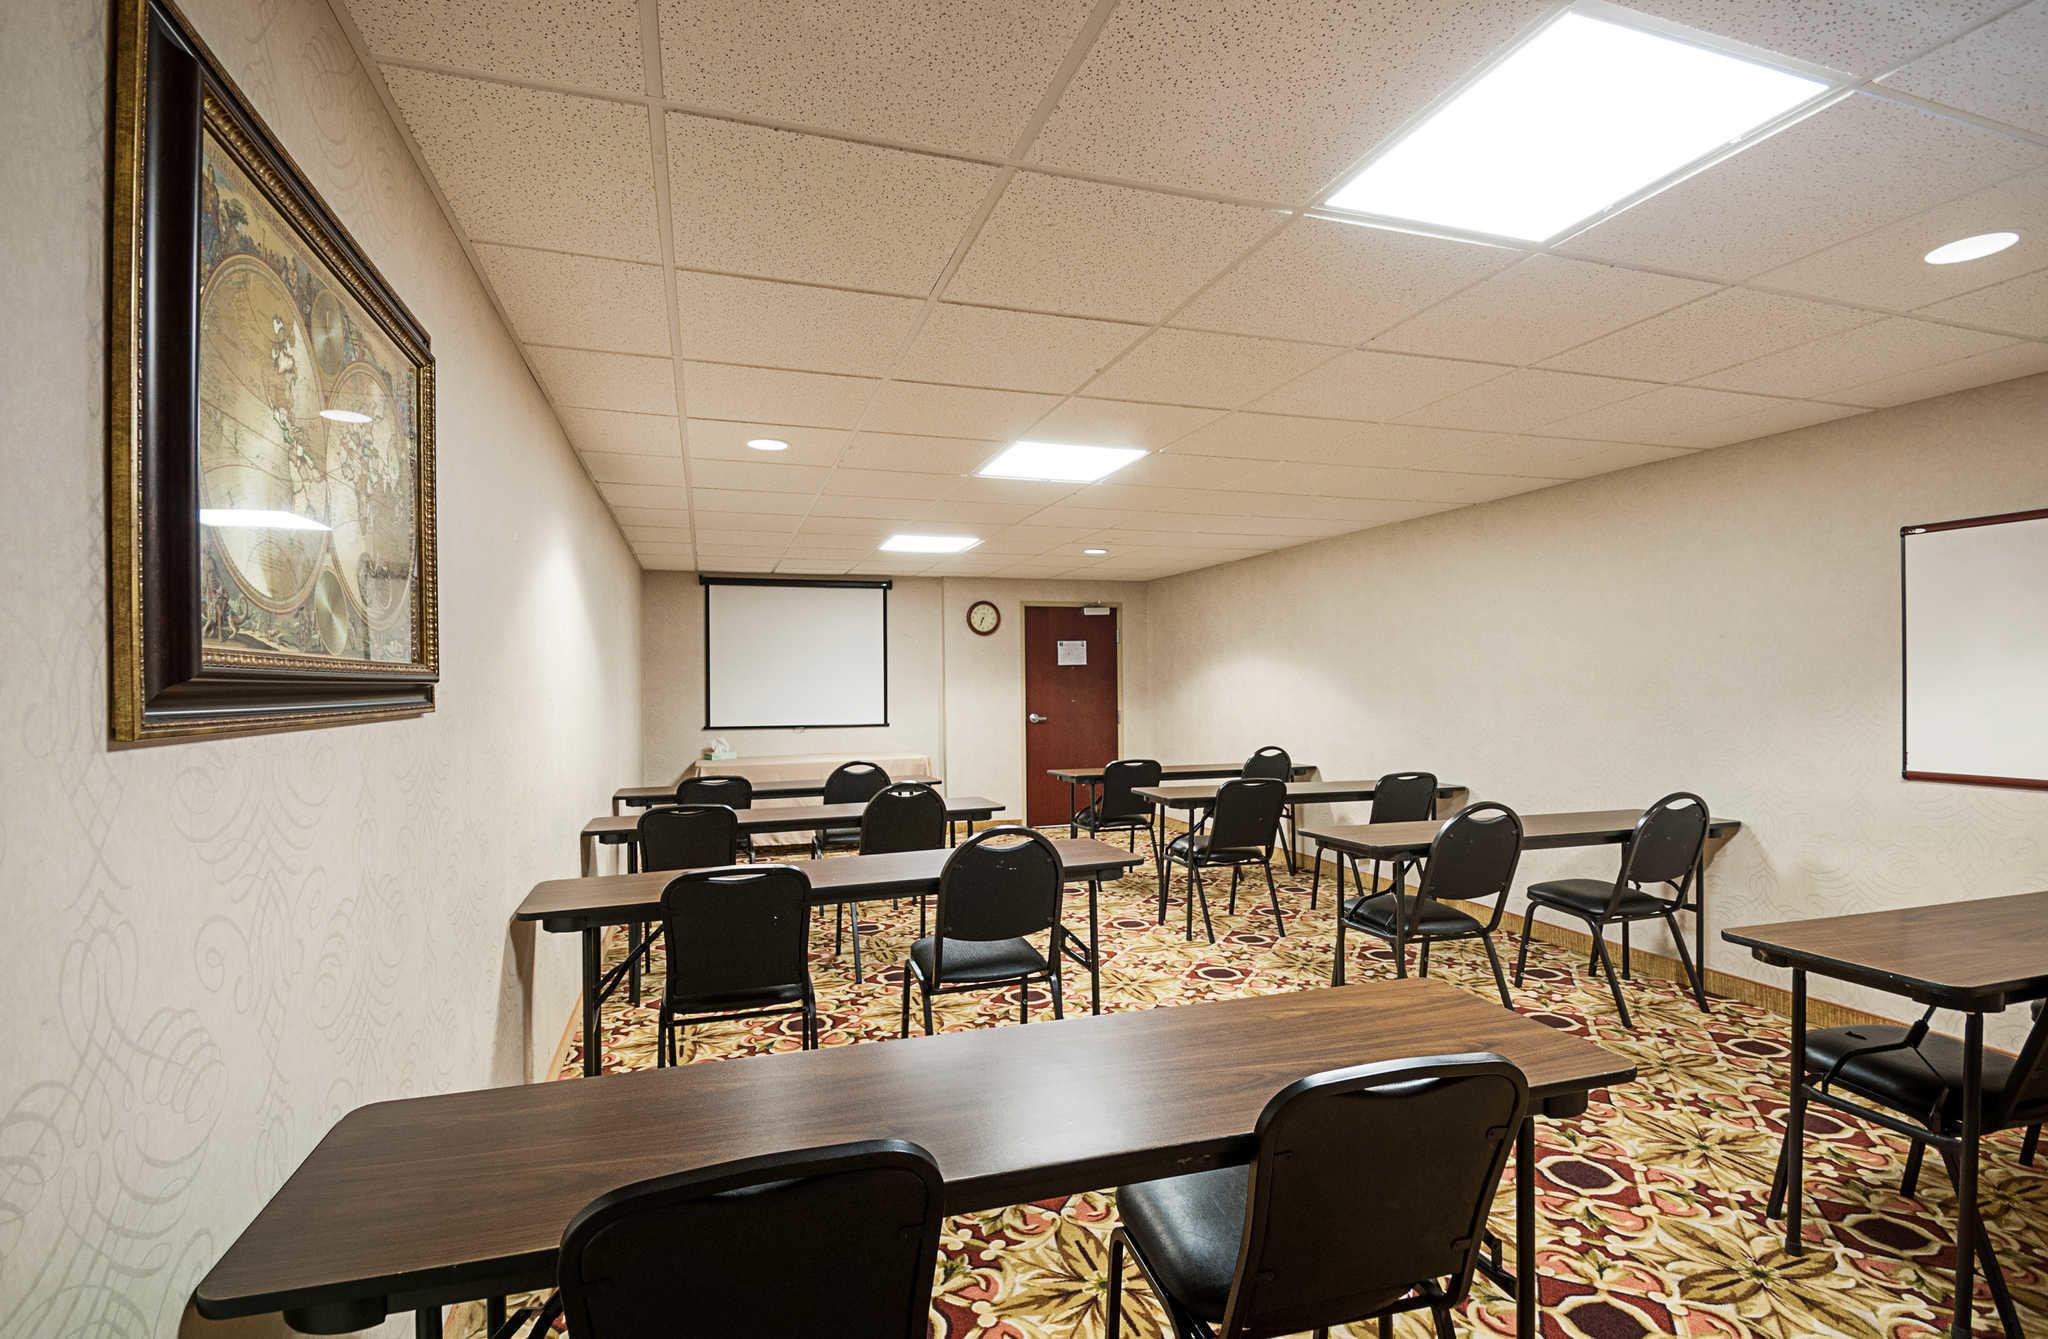 Comfort Inn & Suites Cambridge image 37